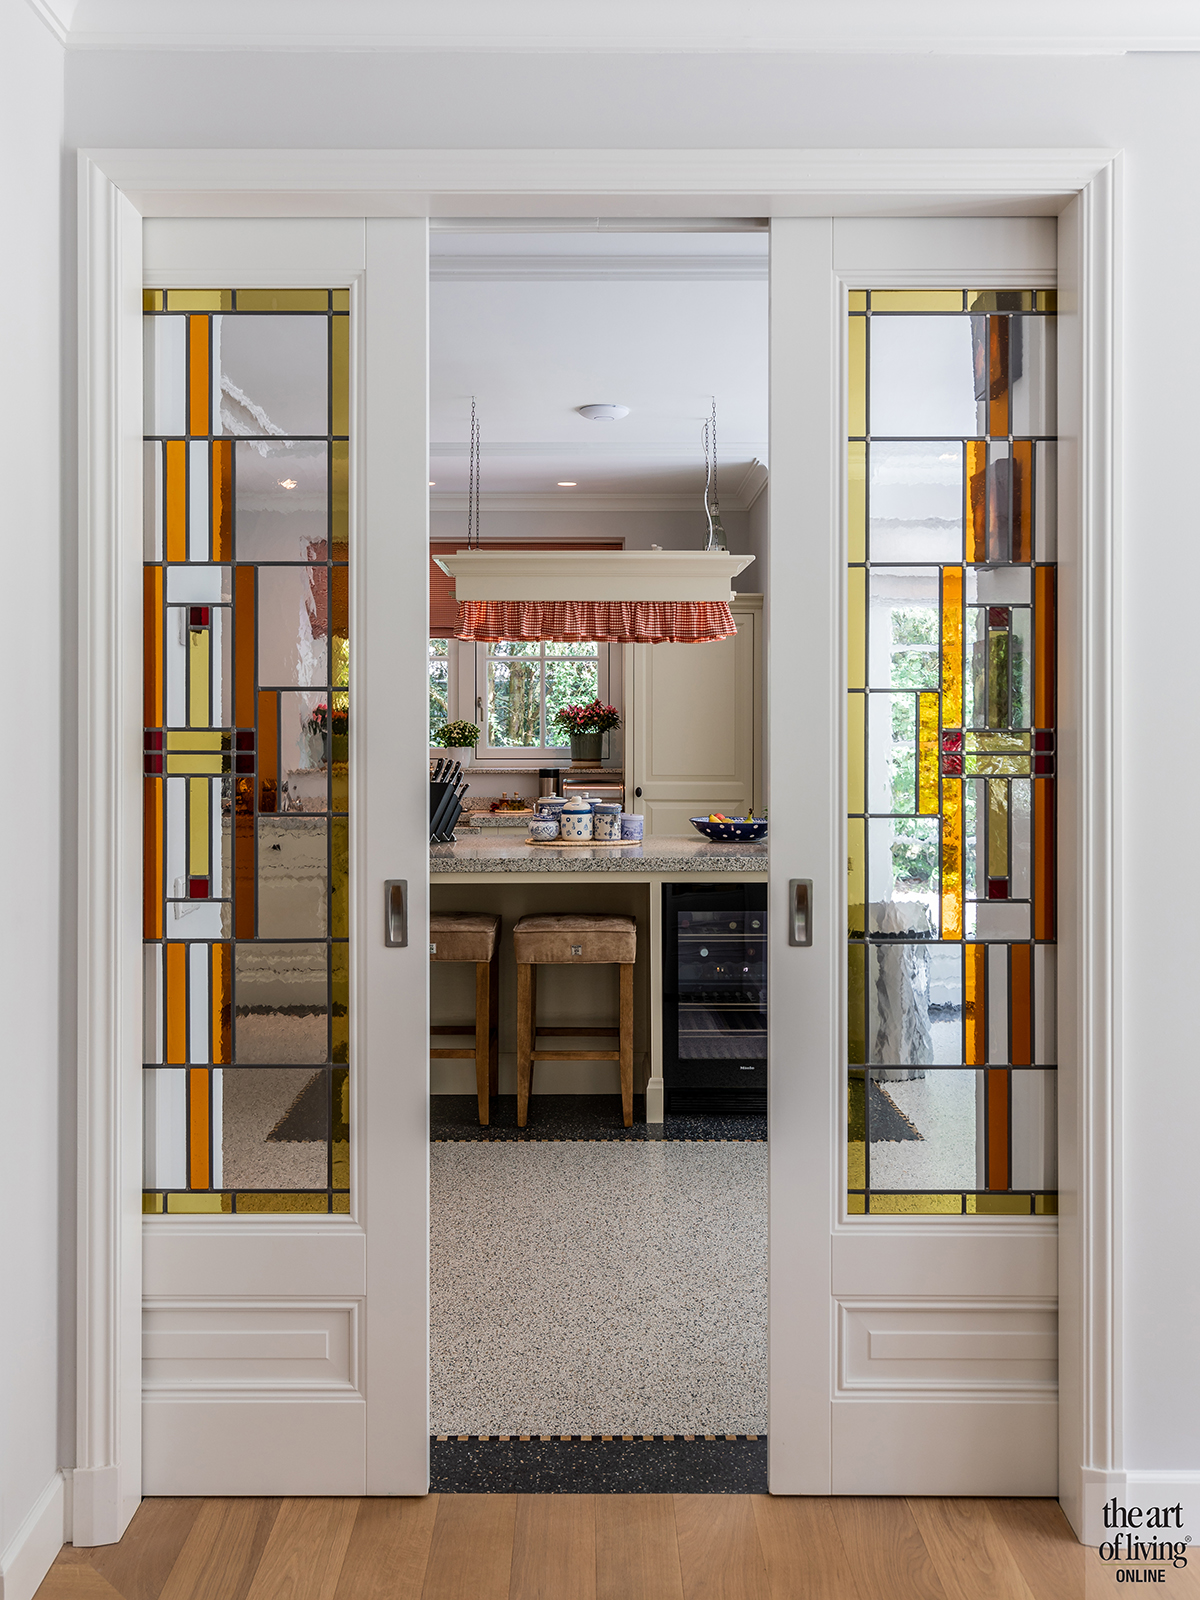 Klassiek-Landelijke doorkijk keuken en woonkamer door Architectenbureau Atelier 3